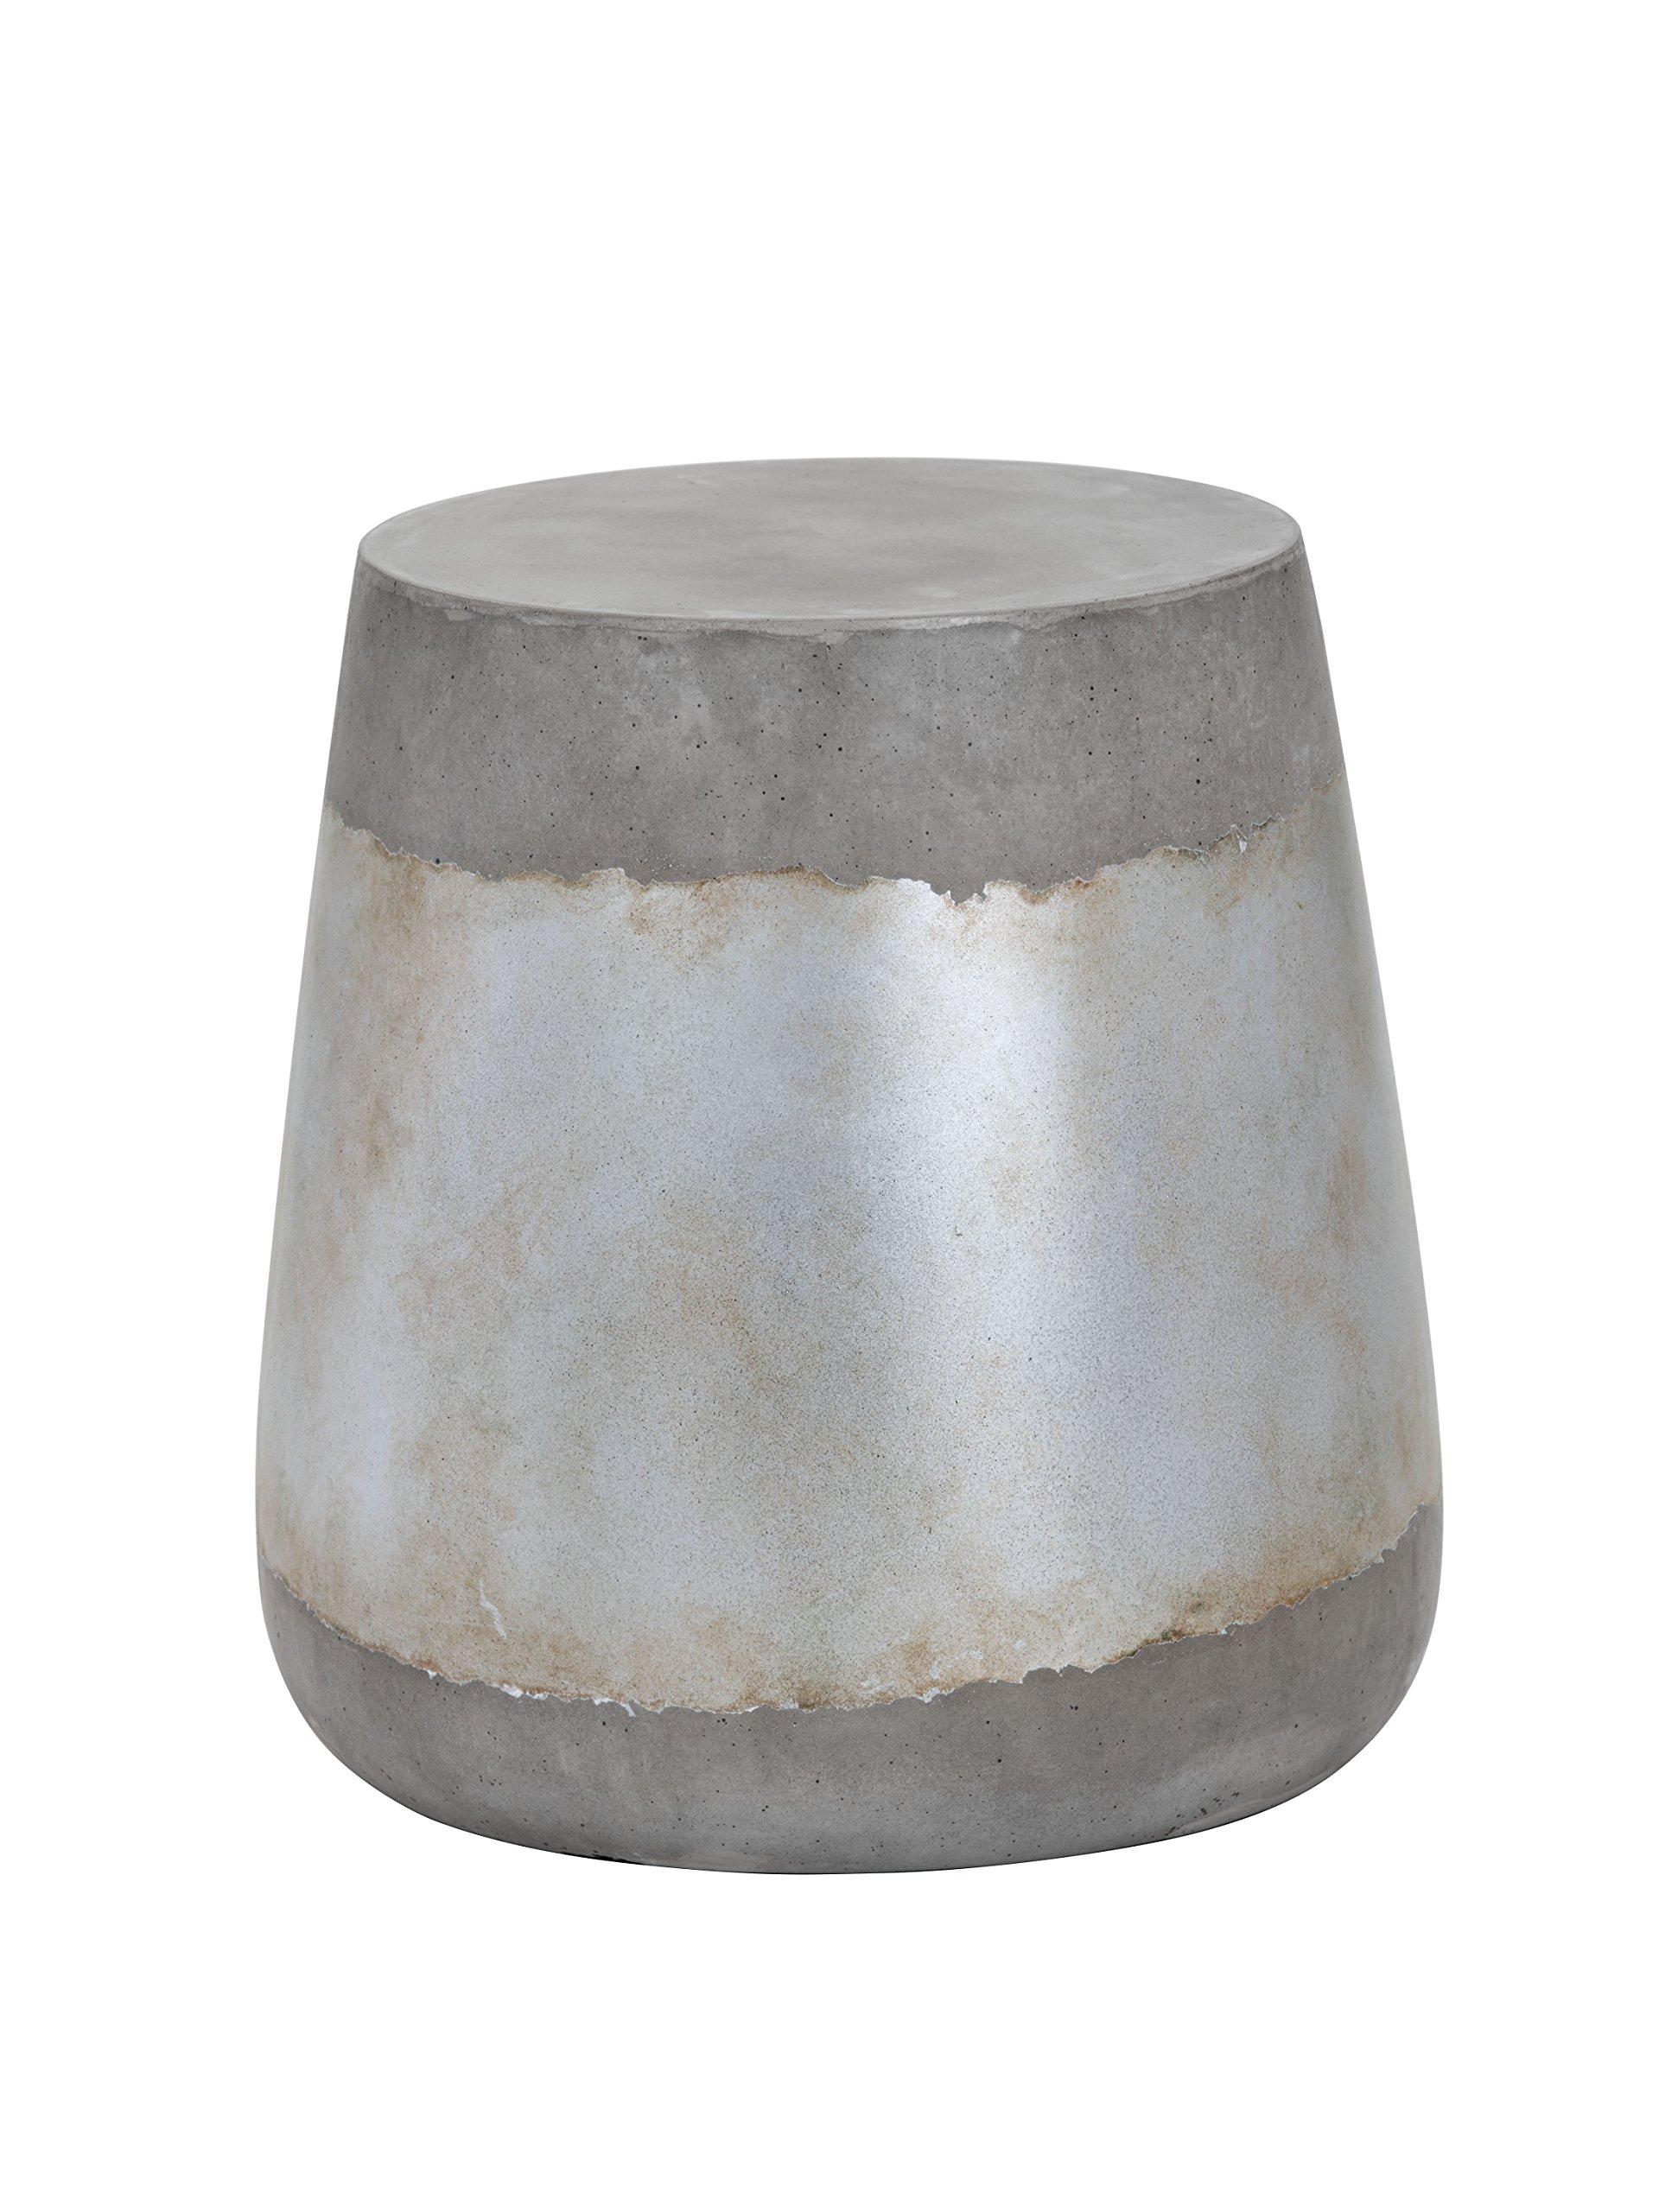 Sunpan Modern Aries Side Table - Concrete - Silver - by Sunpan Modern